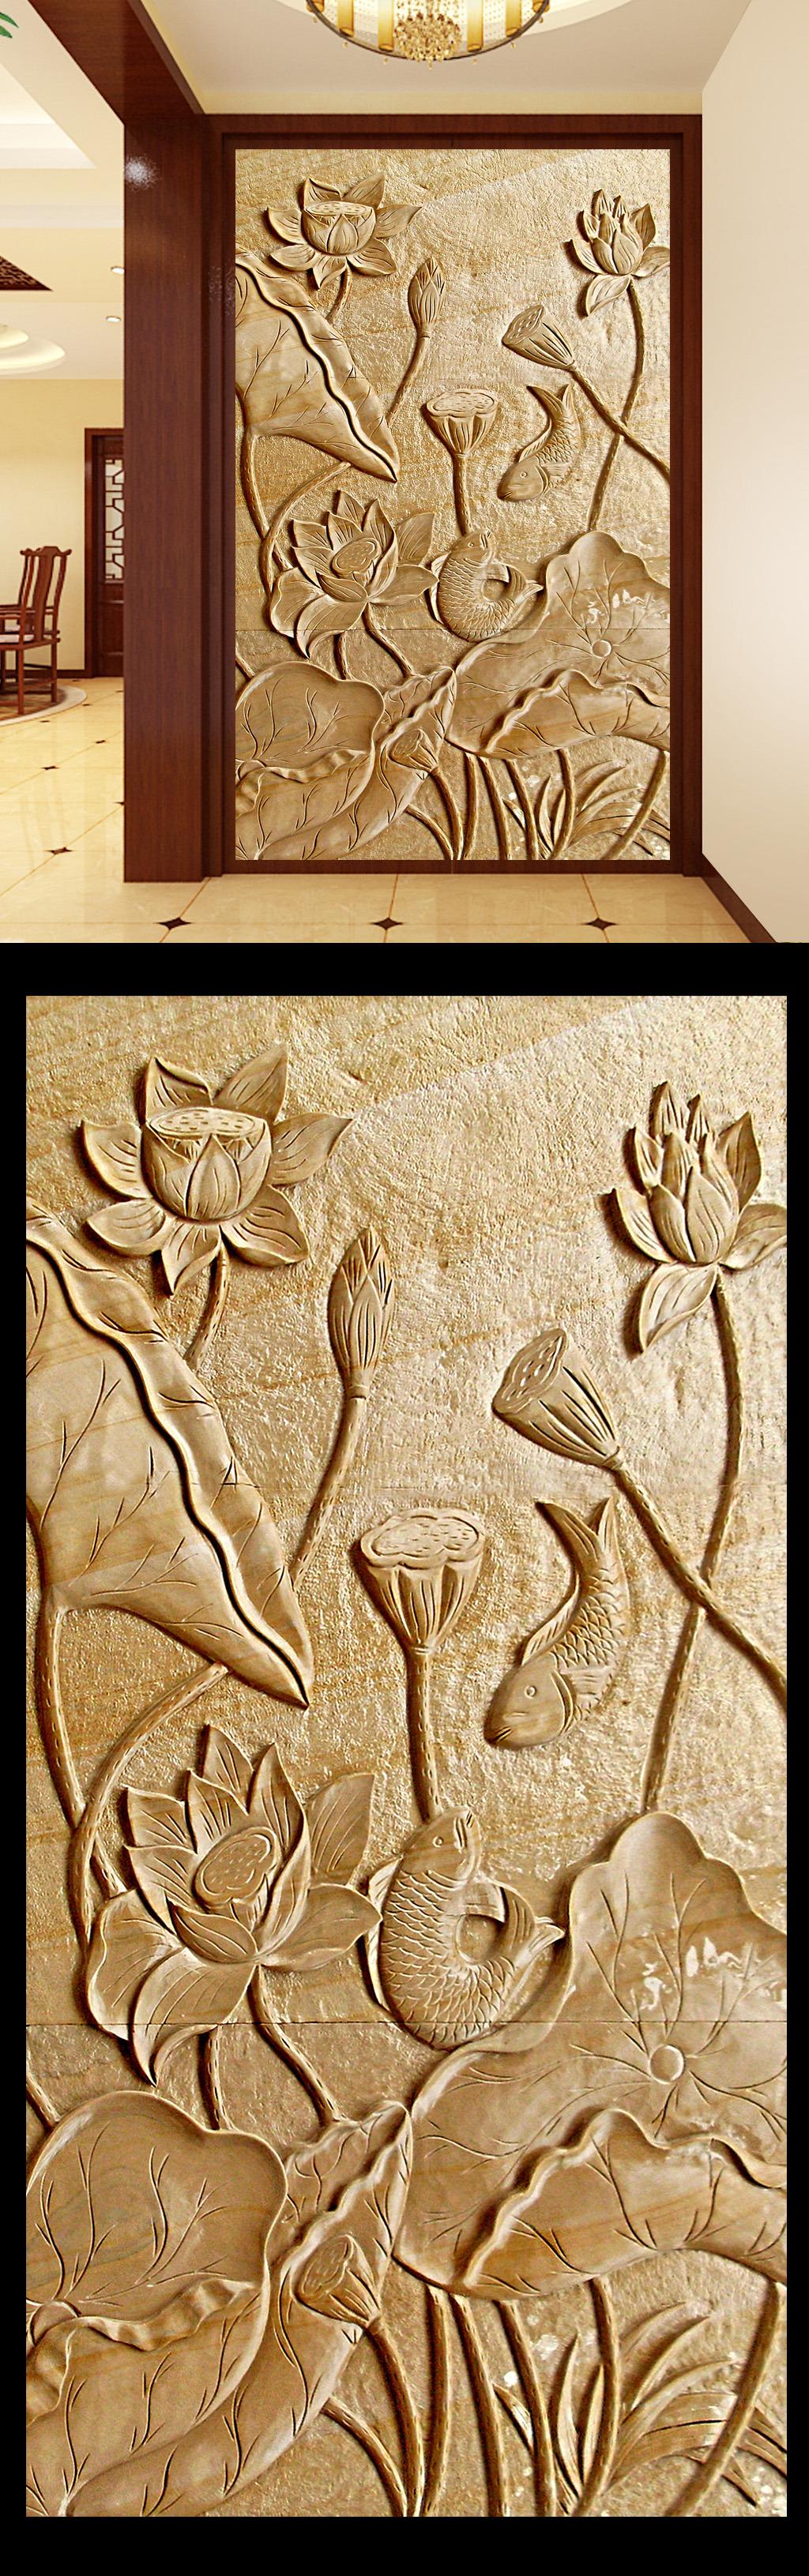 浮雕荷花玄关设计图片模板